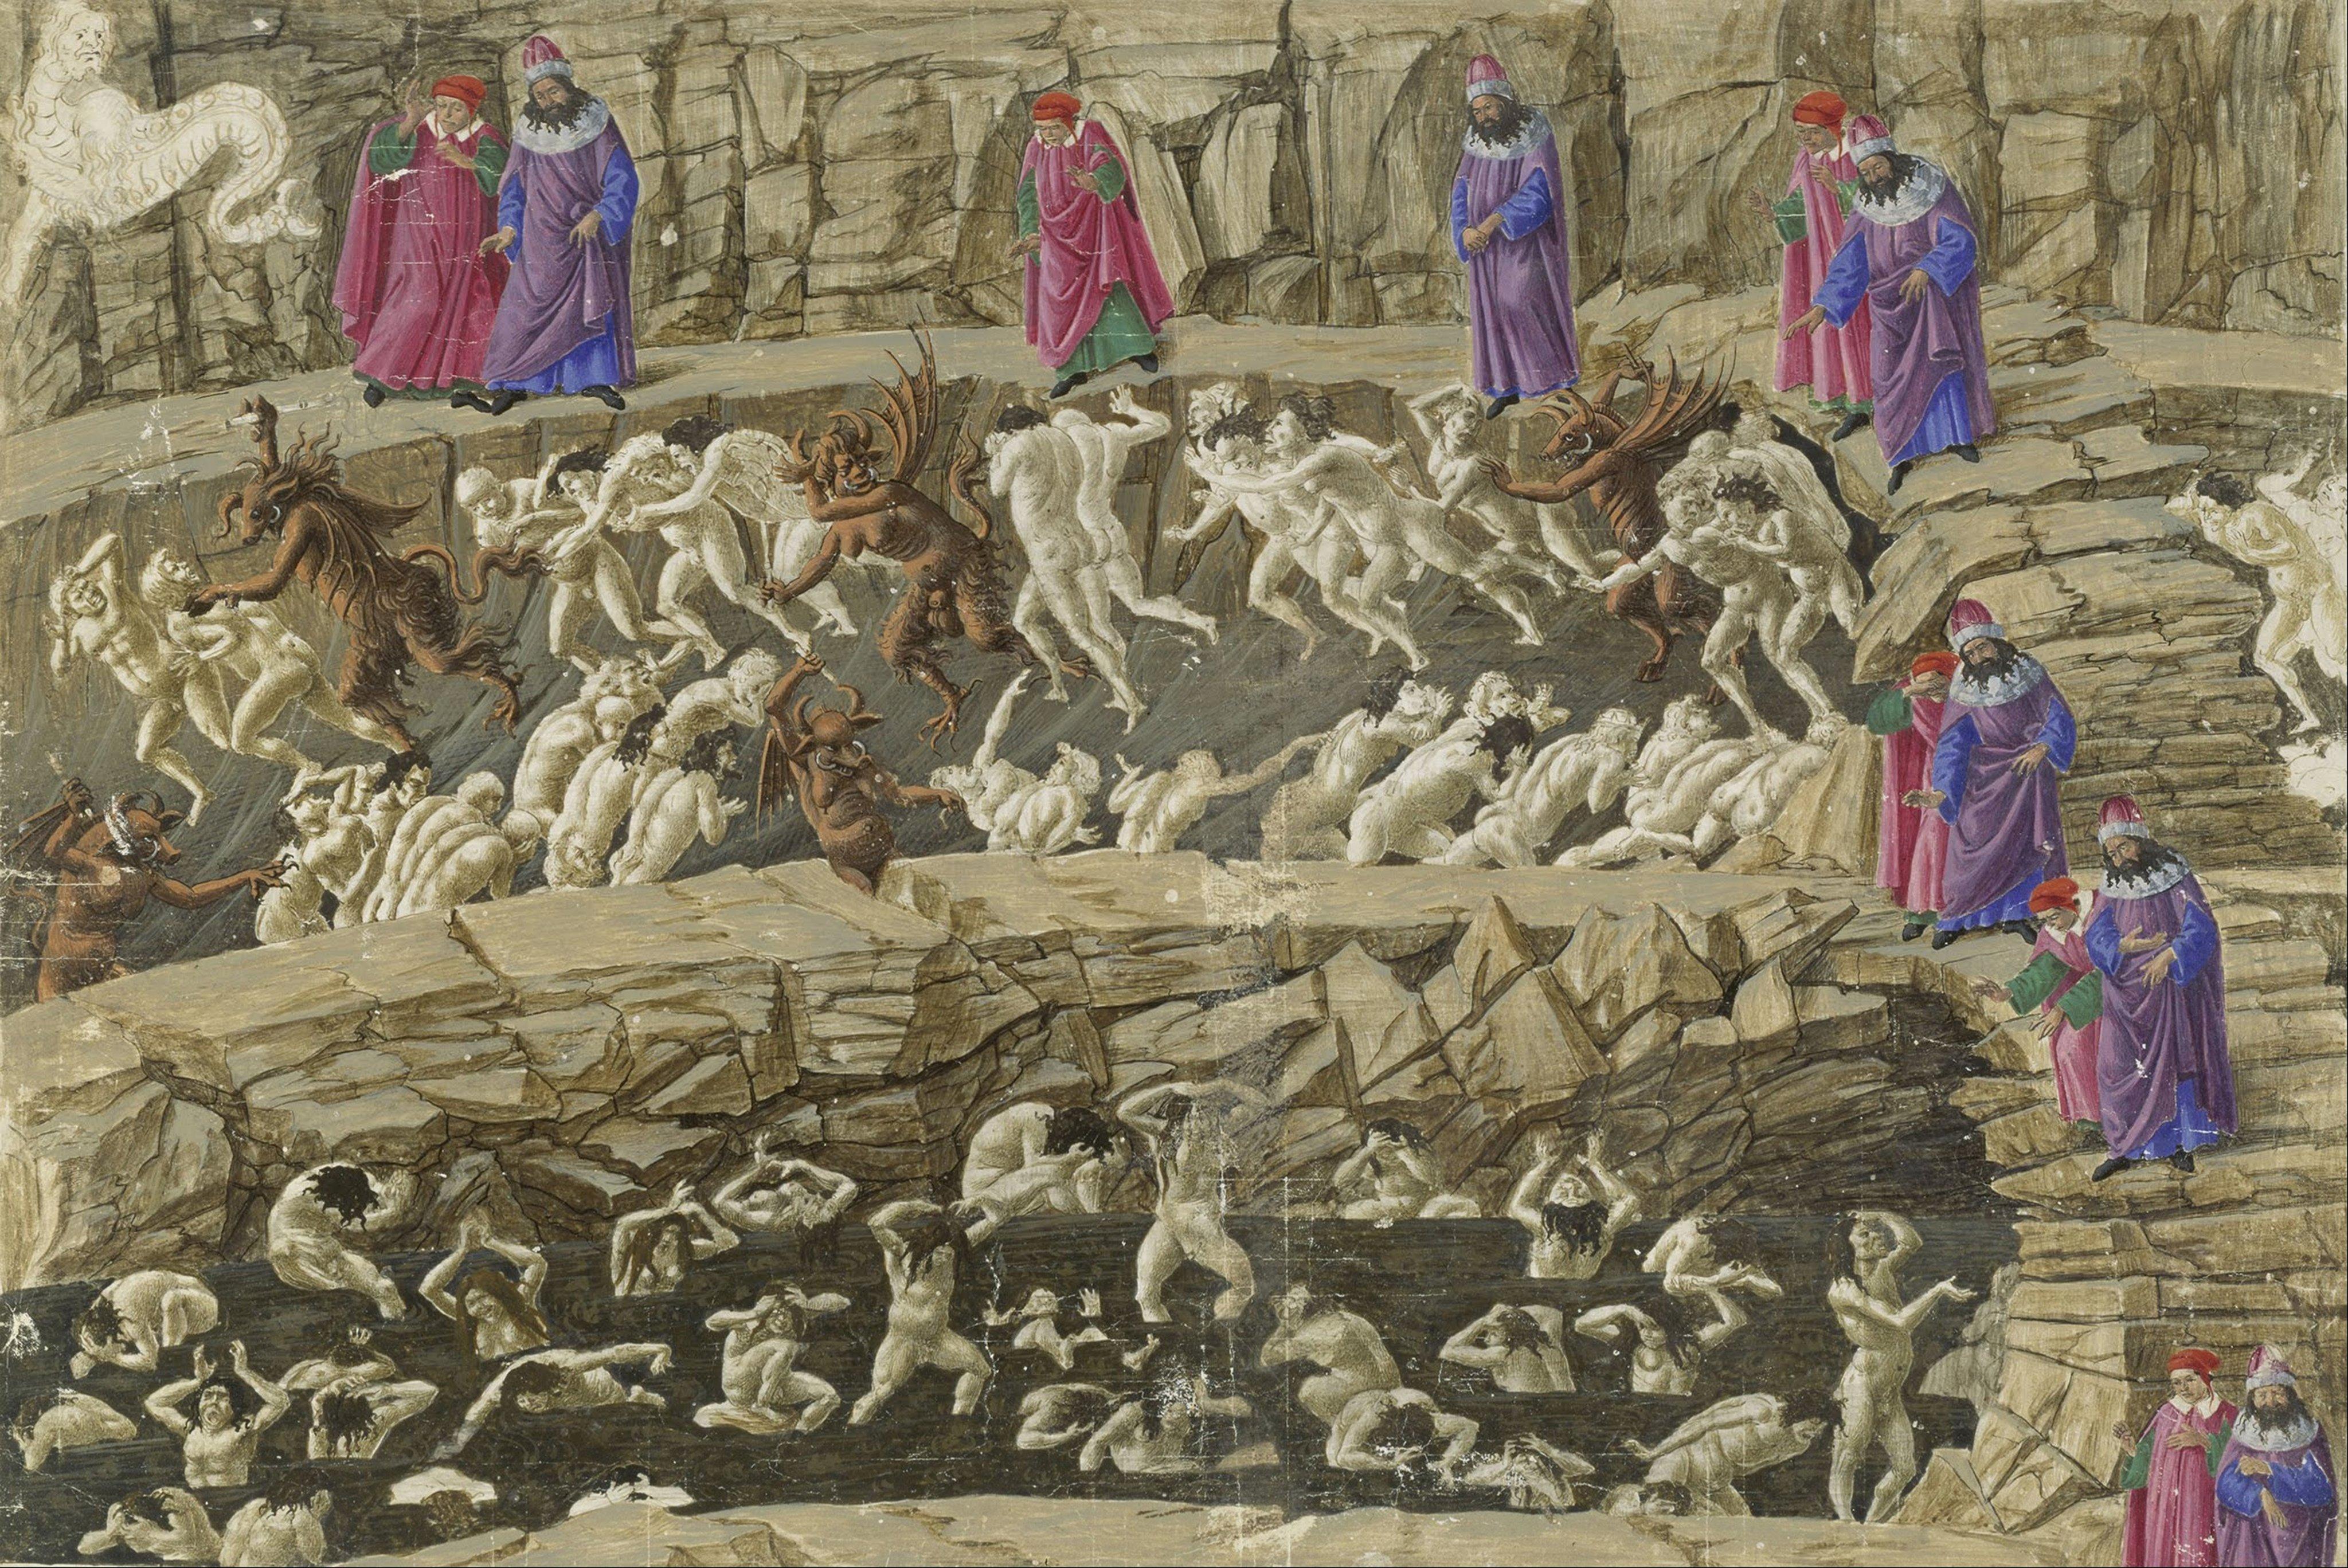 Illustration to the Divine Comedy by Dante Alighieri, 1480-1490. Artist: Botticelli, Sandro (1445-1510)